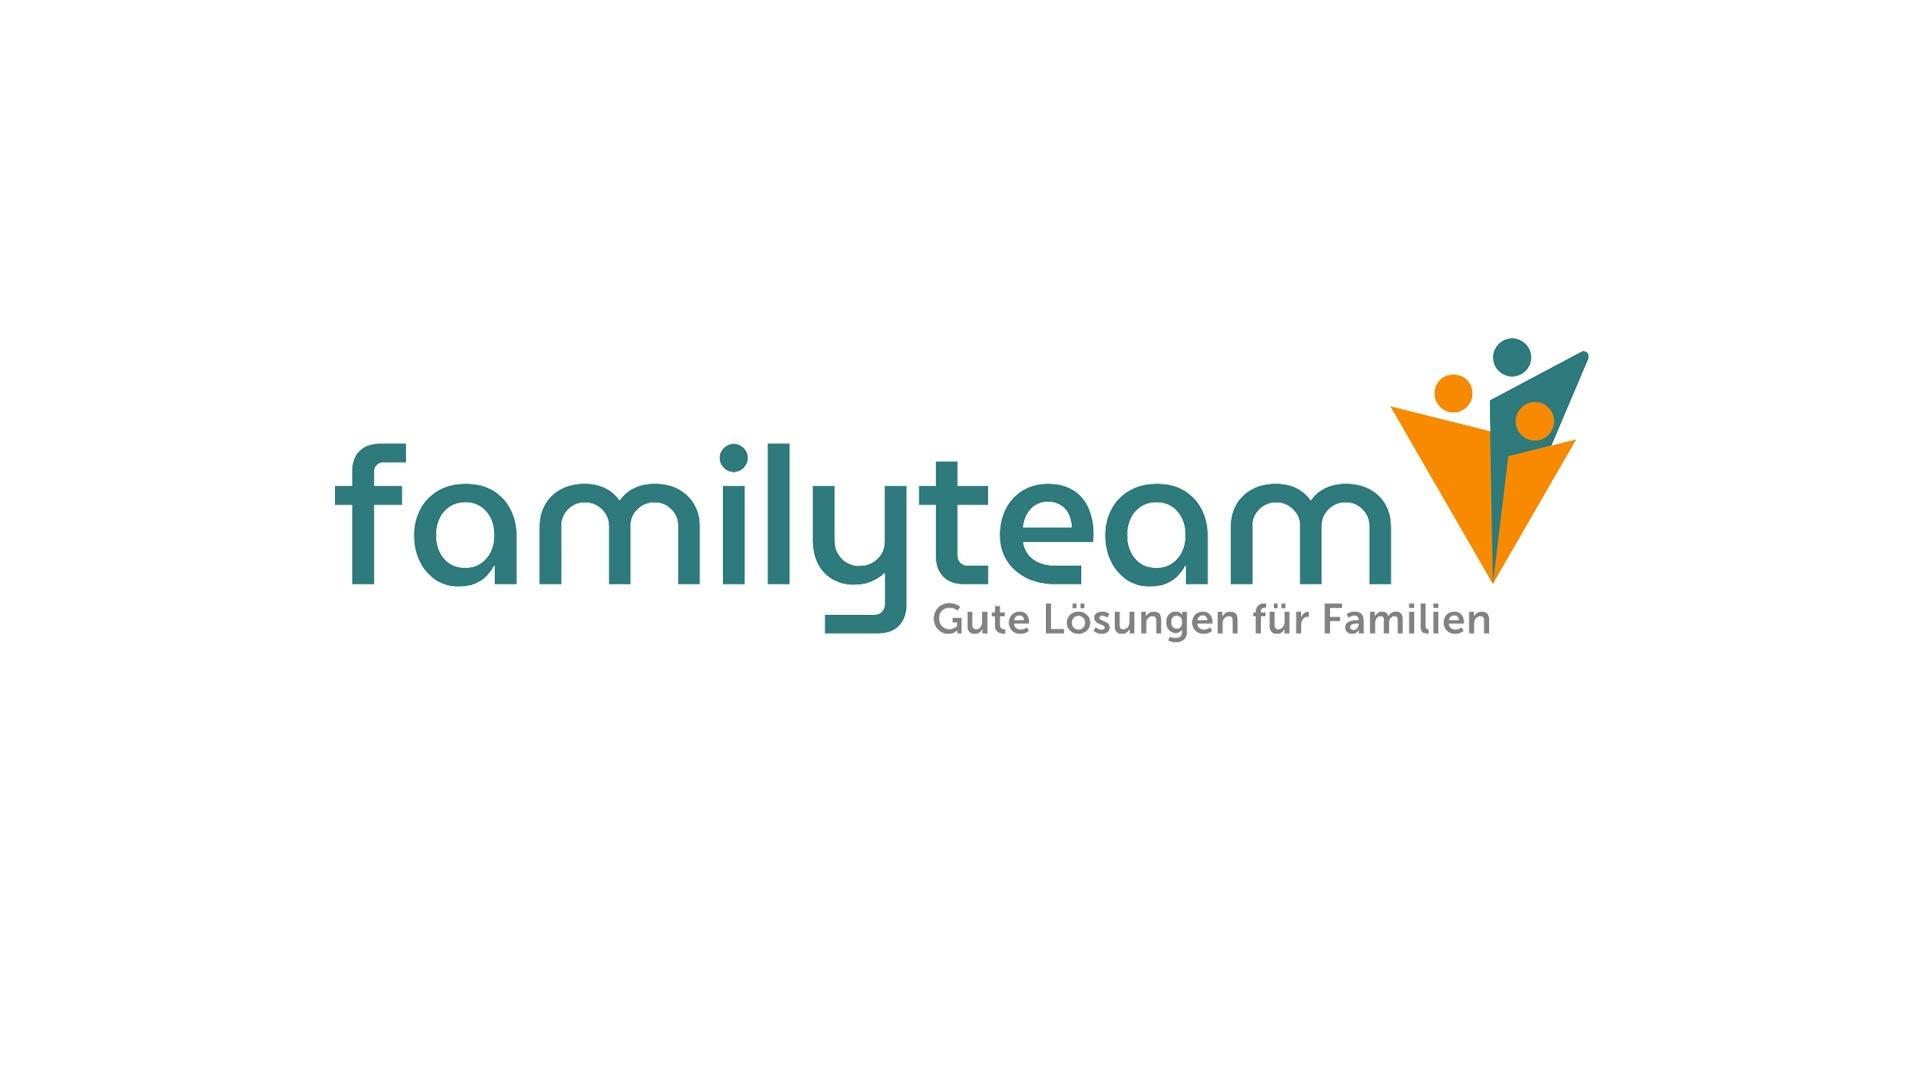 Familyteam - Gute Lösungen für Familien